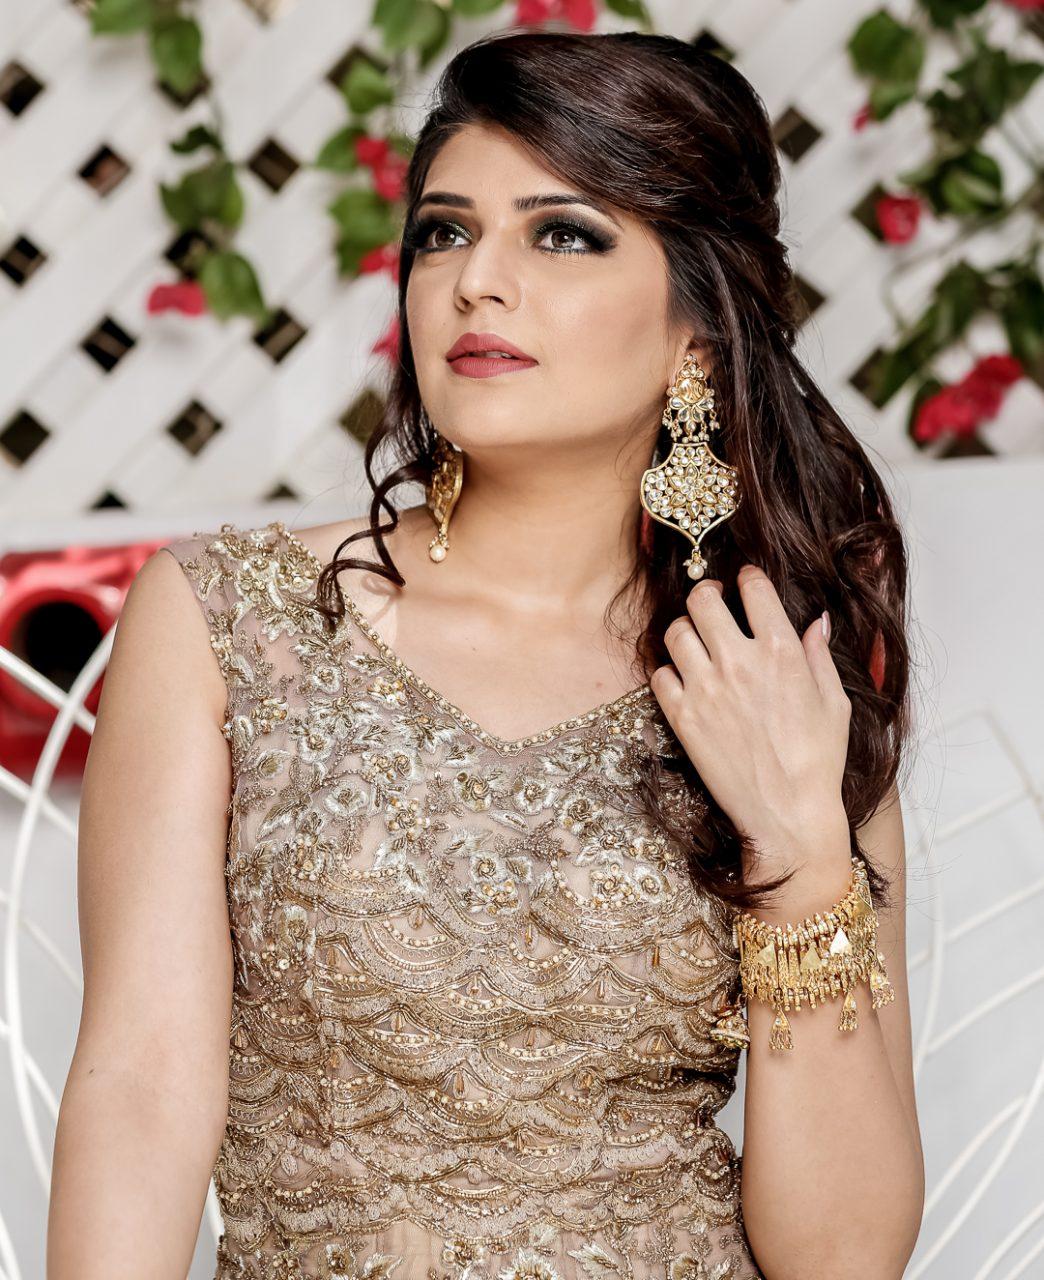 Sabah Malgi makeup artist in Mumbai